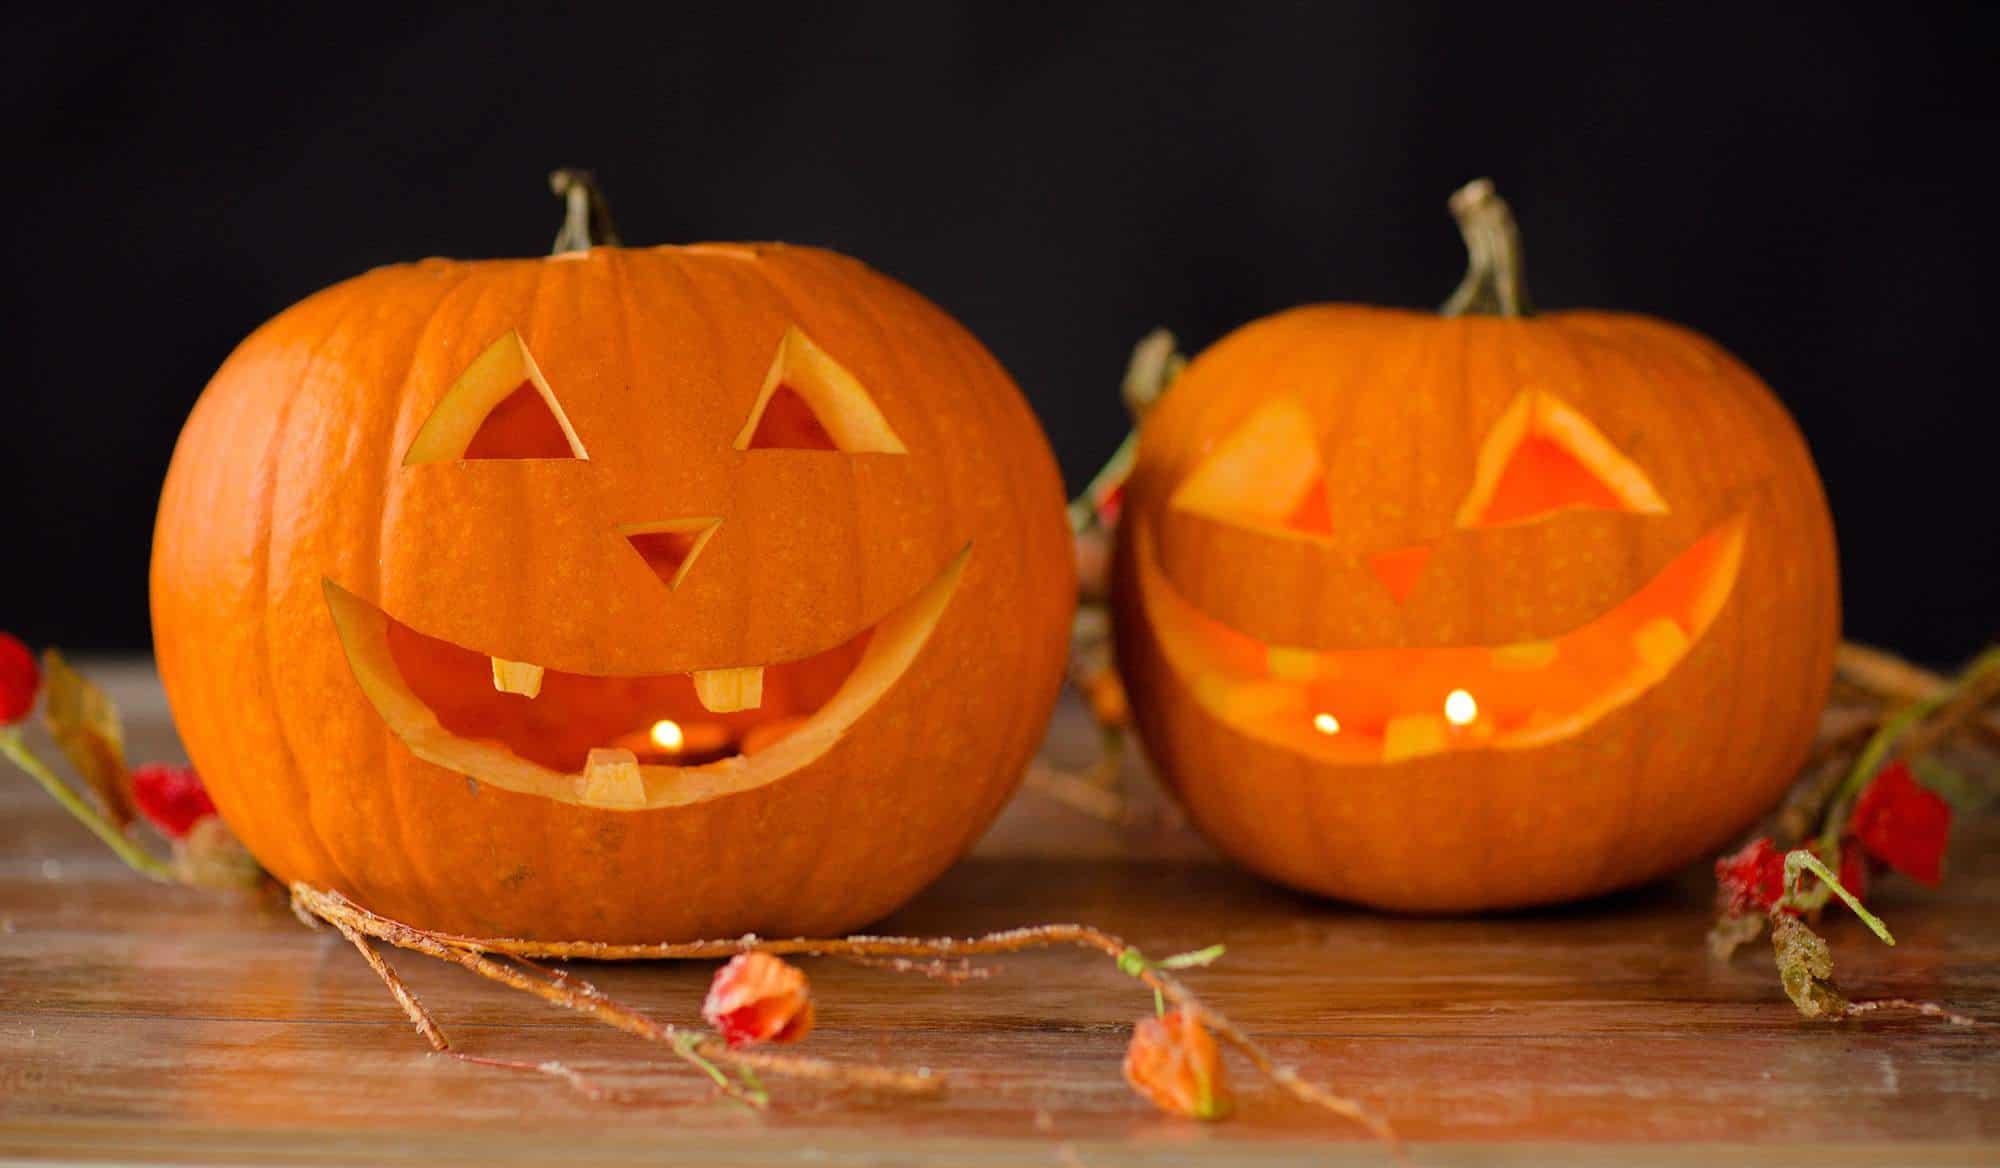 Short chubby pumpkin faces